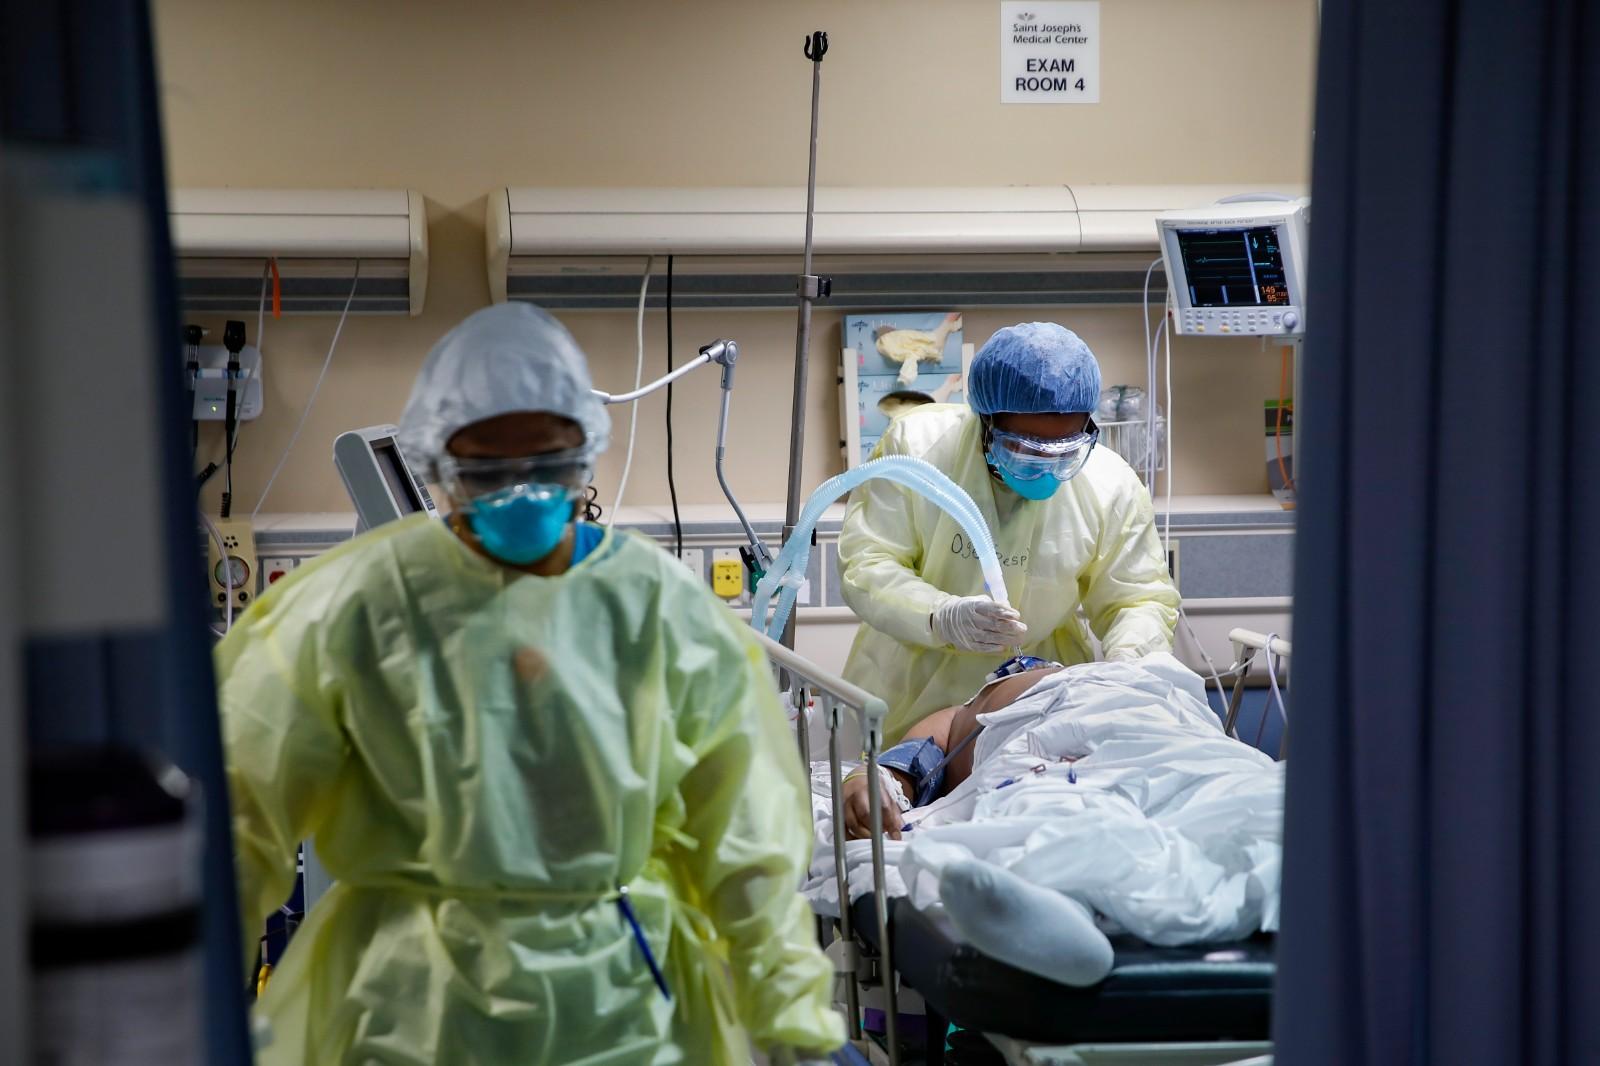 疫情之下 美国医学院今年申请人数增长前所未见